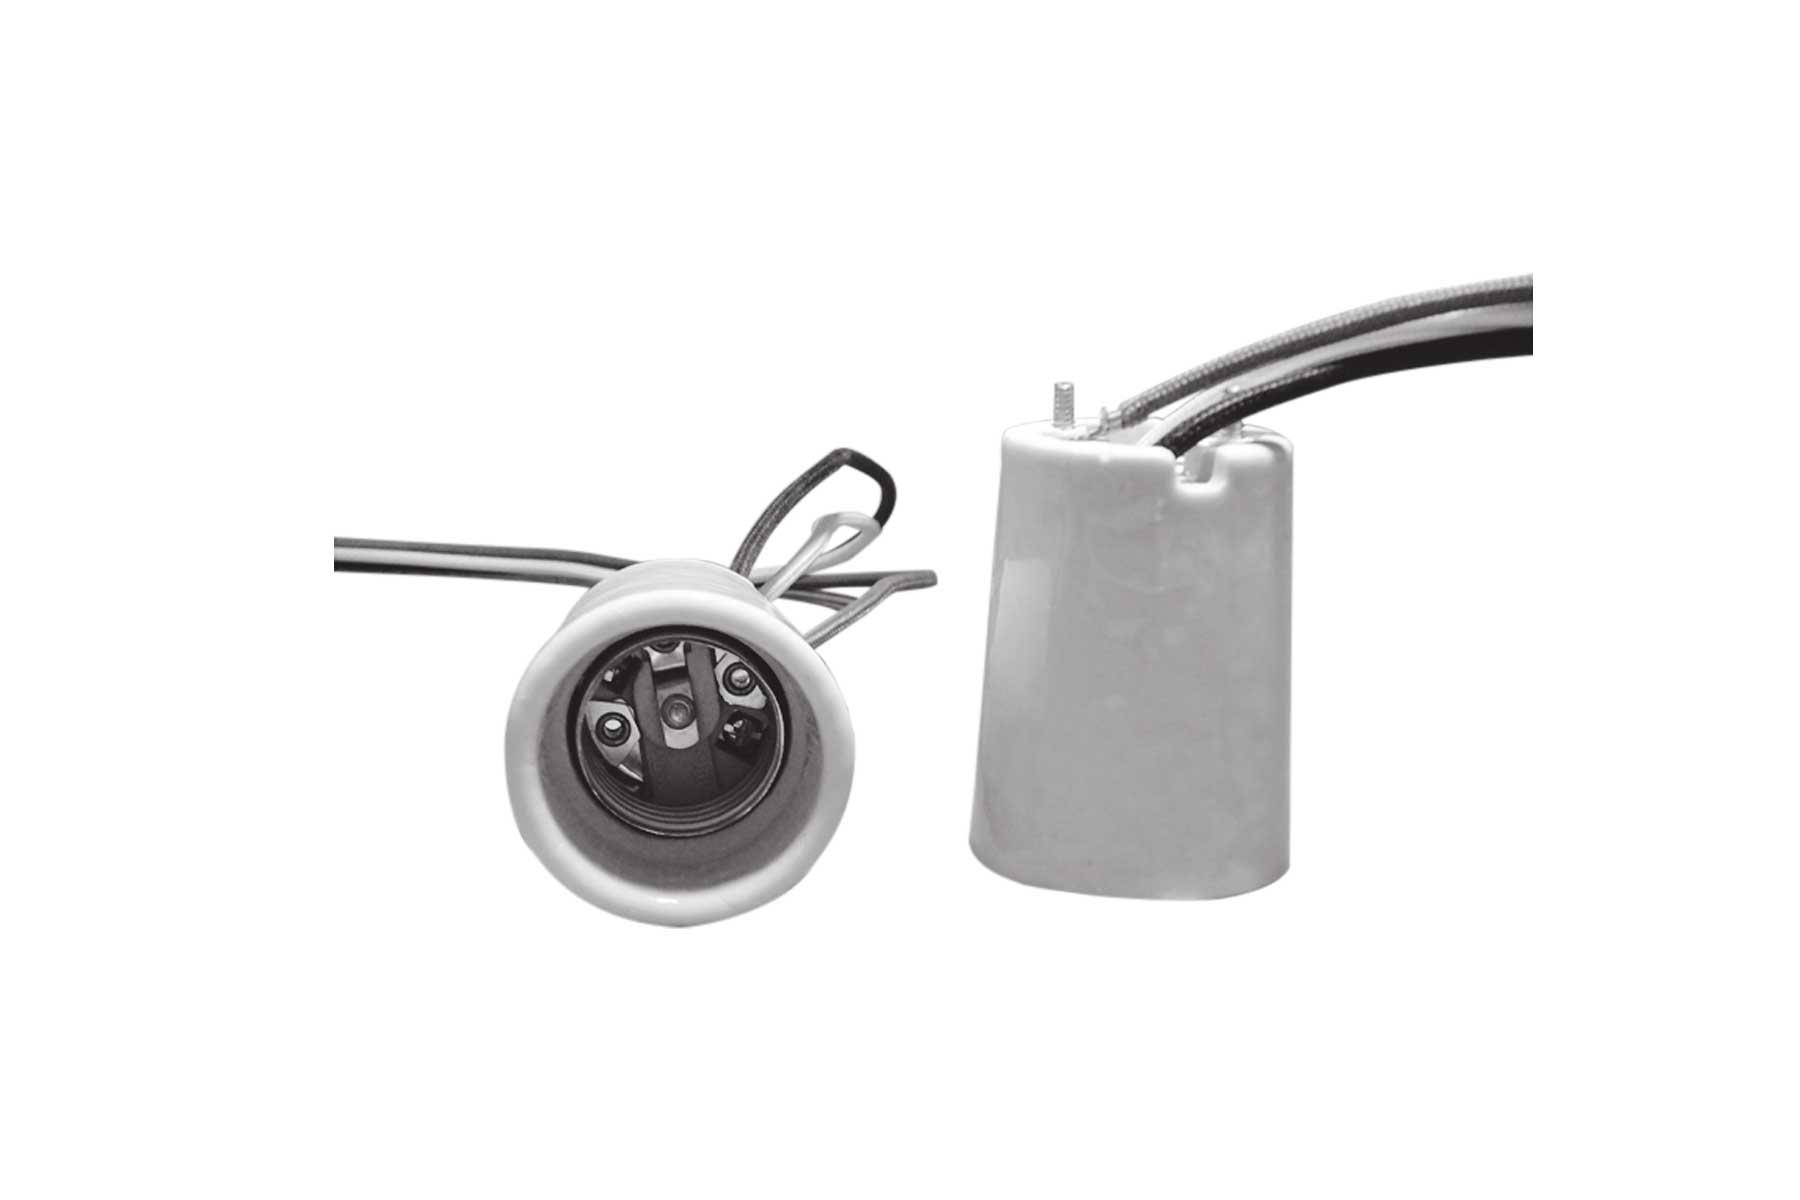 4KV Pulse Rated Medium Base Porcelain Incandescent Light Socket with Mounting Screws